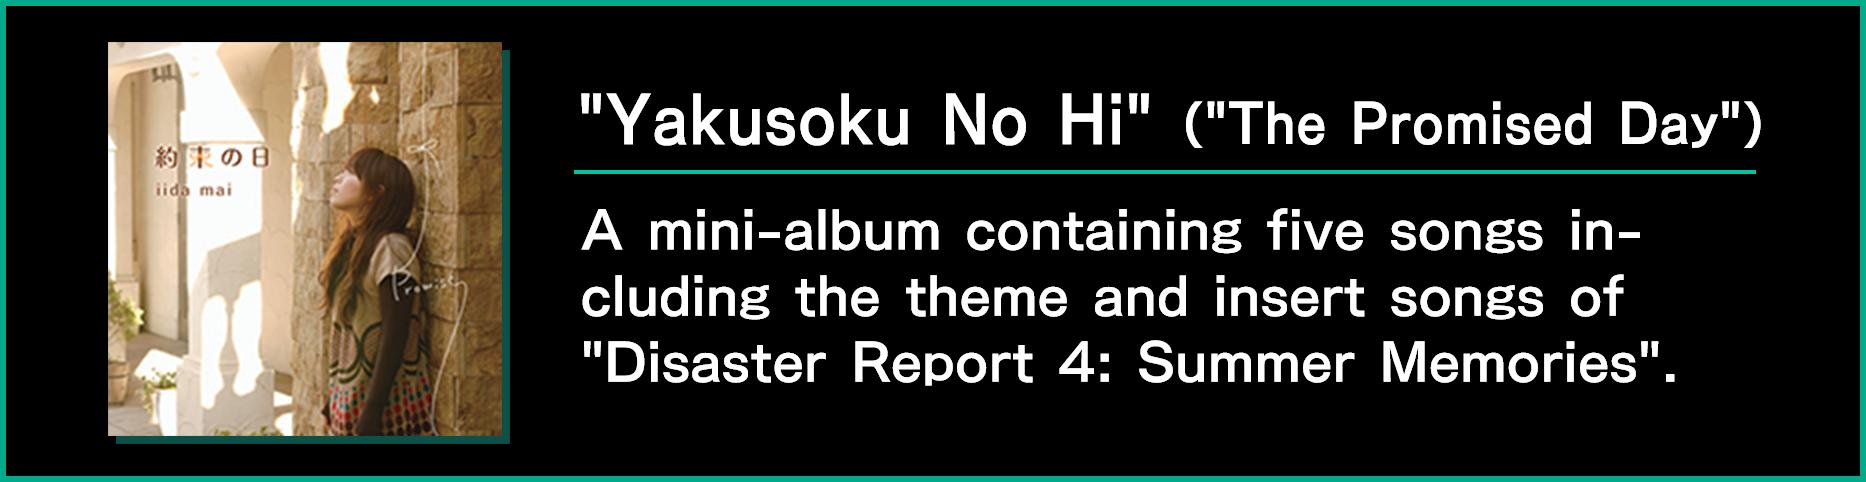 'Yakusoku no hi'